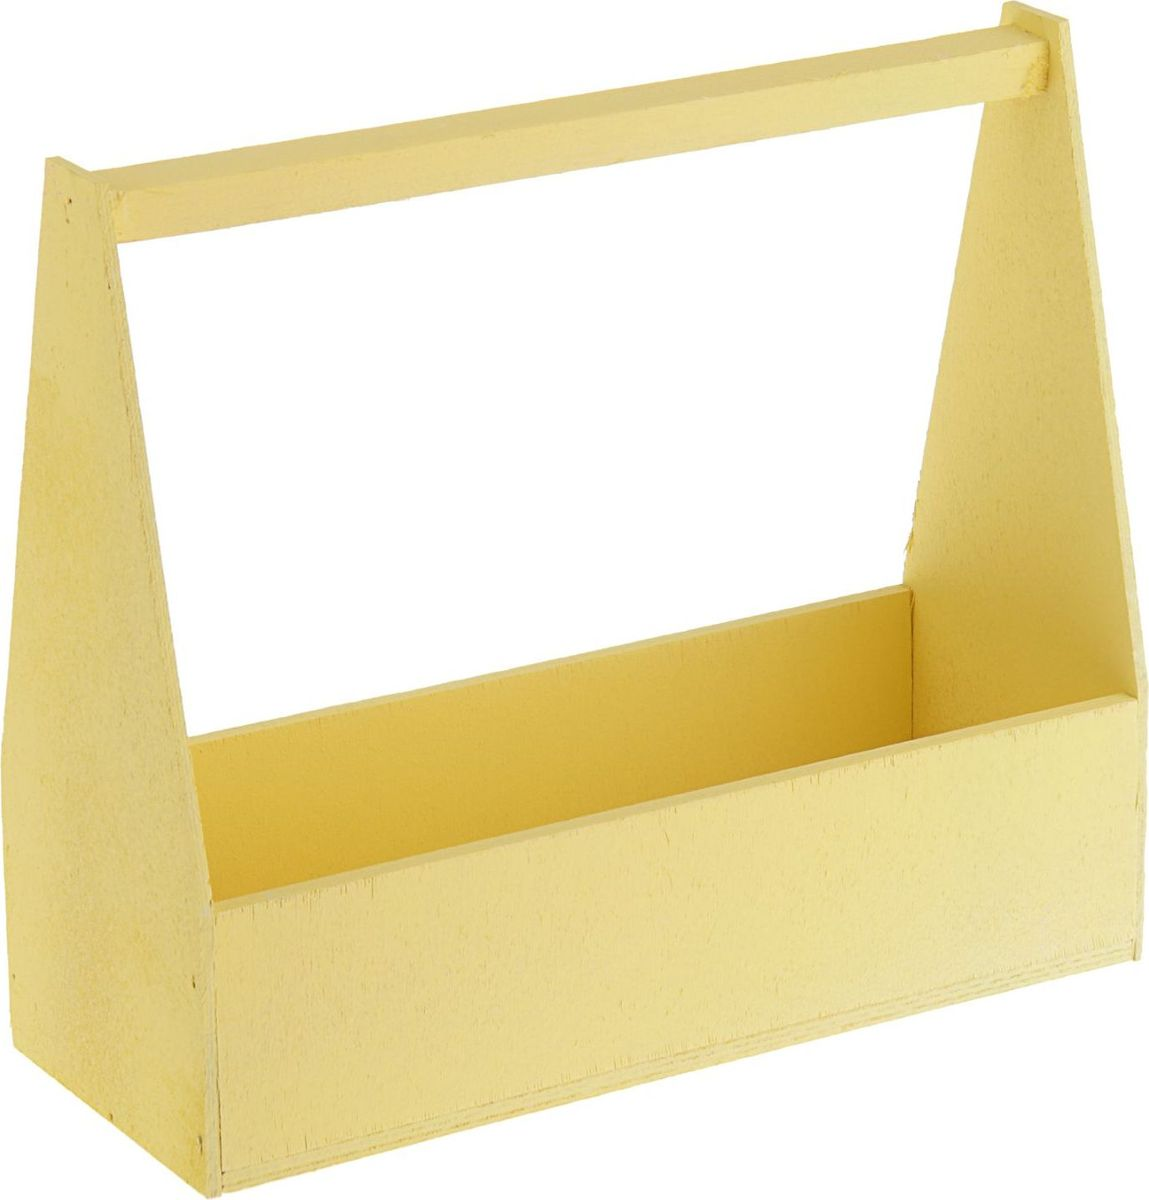 Кашпо ТД ДМ Ящик, флористическое, цвет: желтый, 27 х 11 х 9 см2269523#name# — сувенир в полном смысле этого слова. И главная его задача — хранить воспоминание о месте, где вы побывали, или о том человеке, который подарил данный предмет. Преподнесите эту вещь своему другу, и она станет достойным украшением его дома.